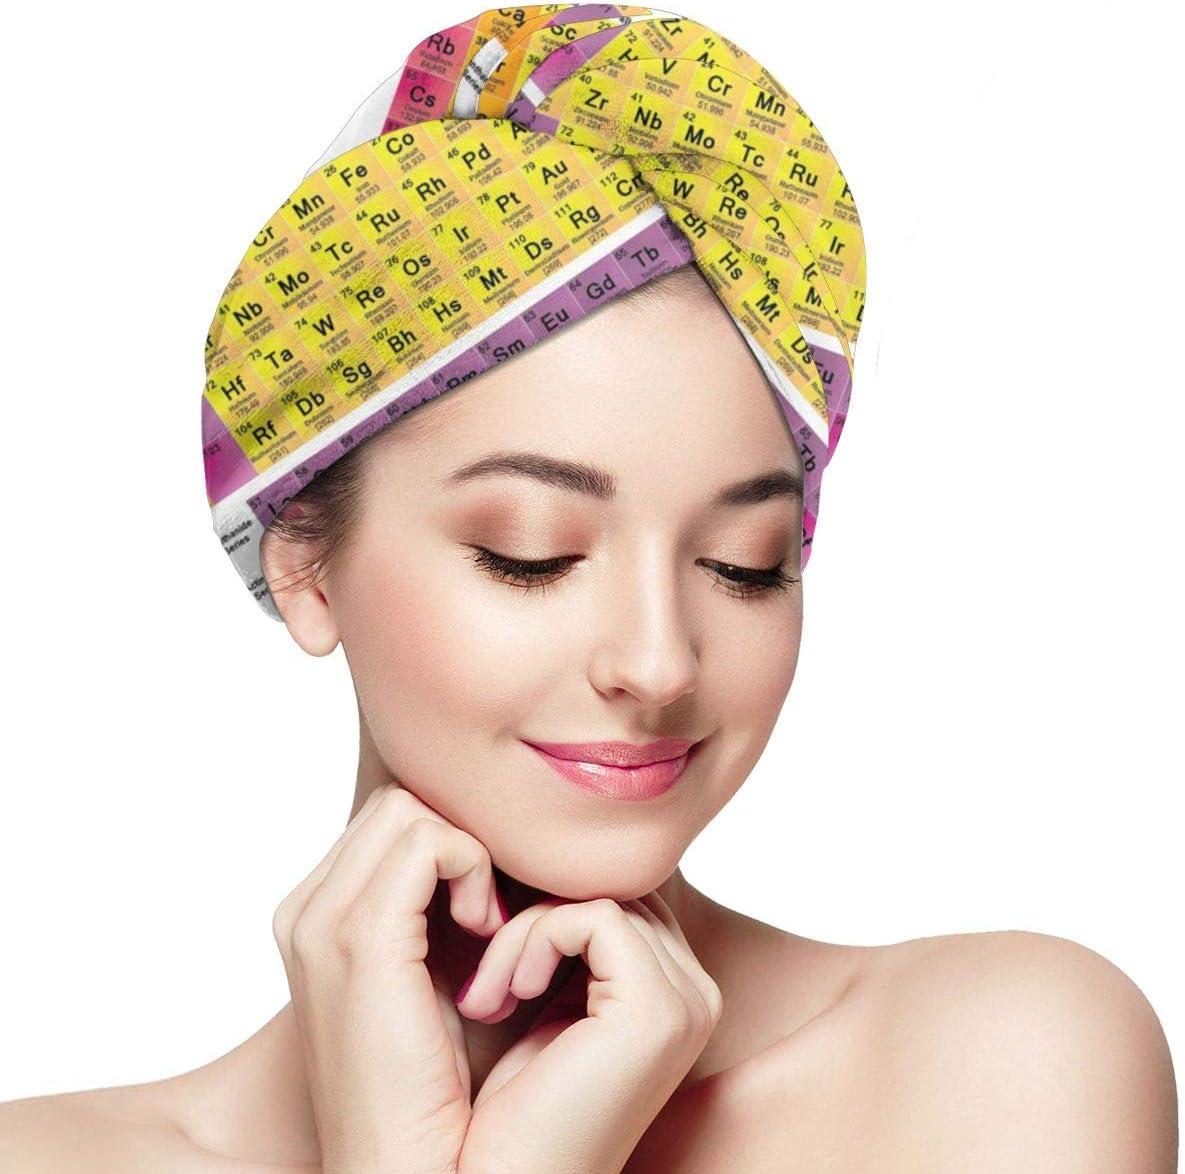 Tabla periódica Toalla de pelo Envoltura de turbante Microfibra, Secado de cabello Toallas Secado rápido Sombrero de pelo Secado